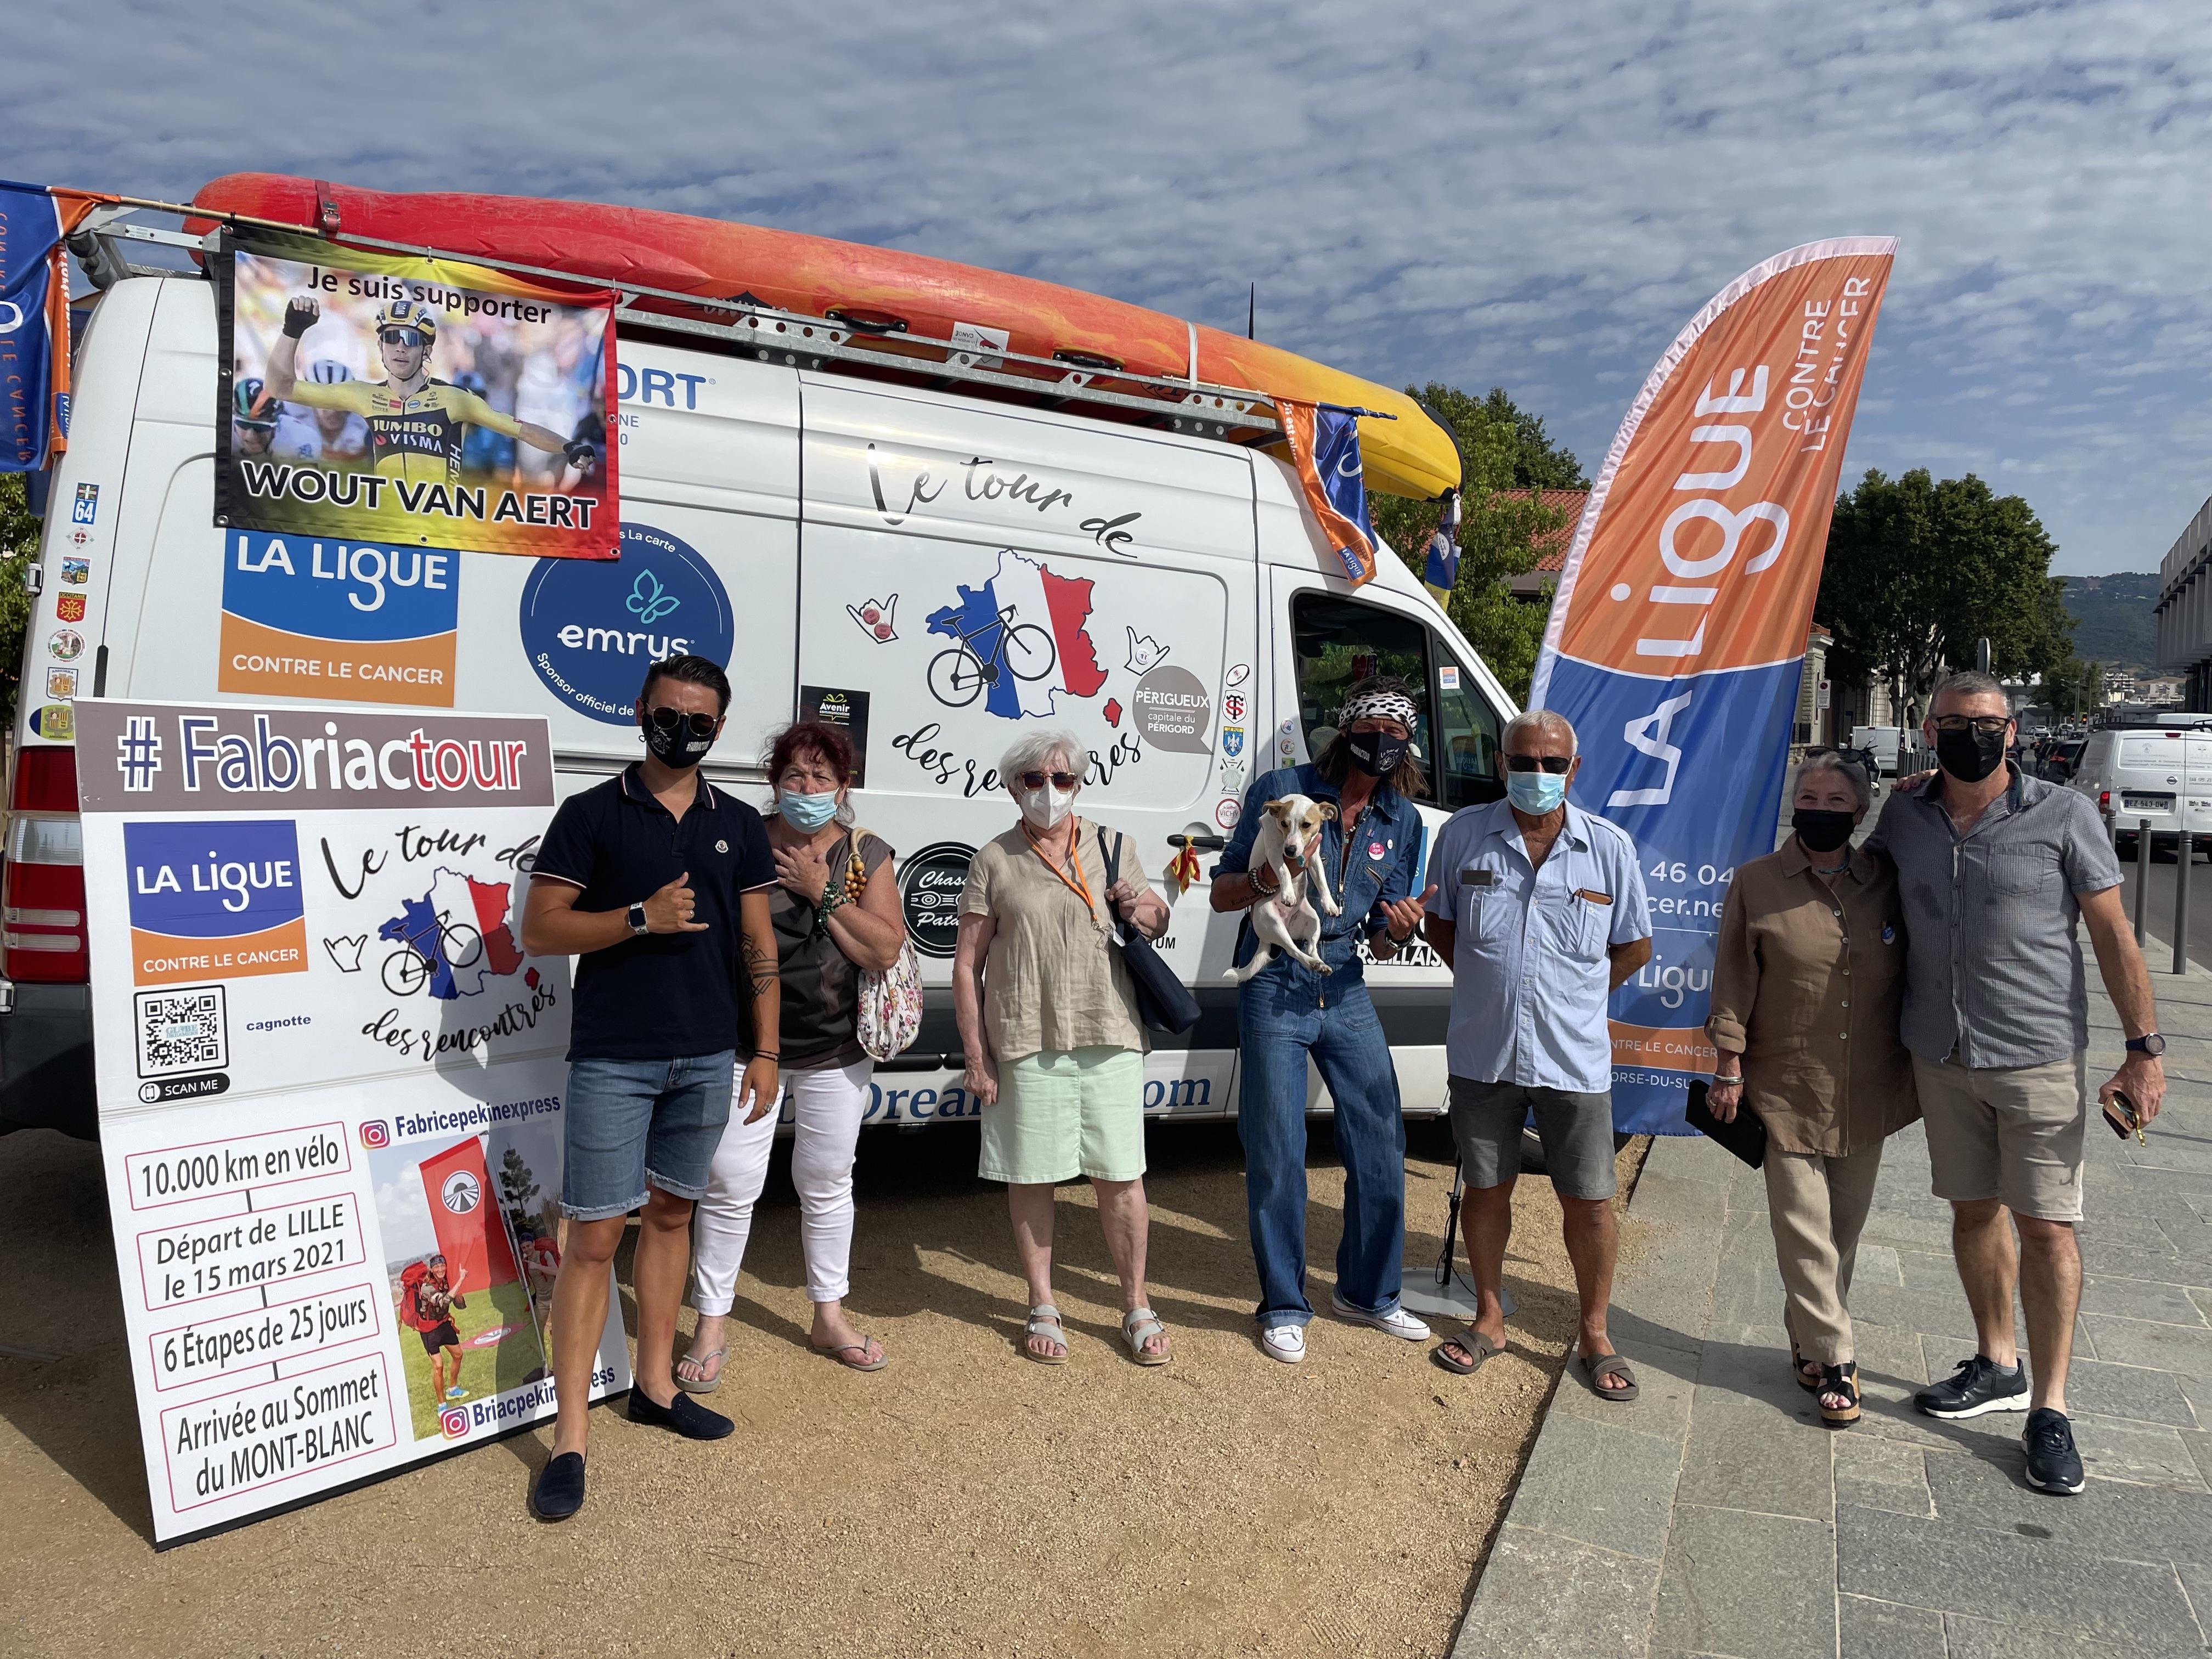 Fabrice et Briac à la rencontre de la ligue contre le cancer de Corse-du-Sud.